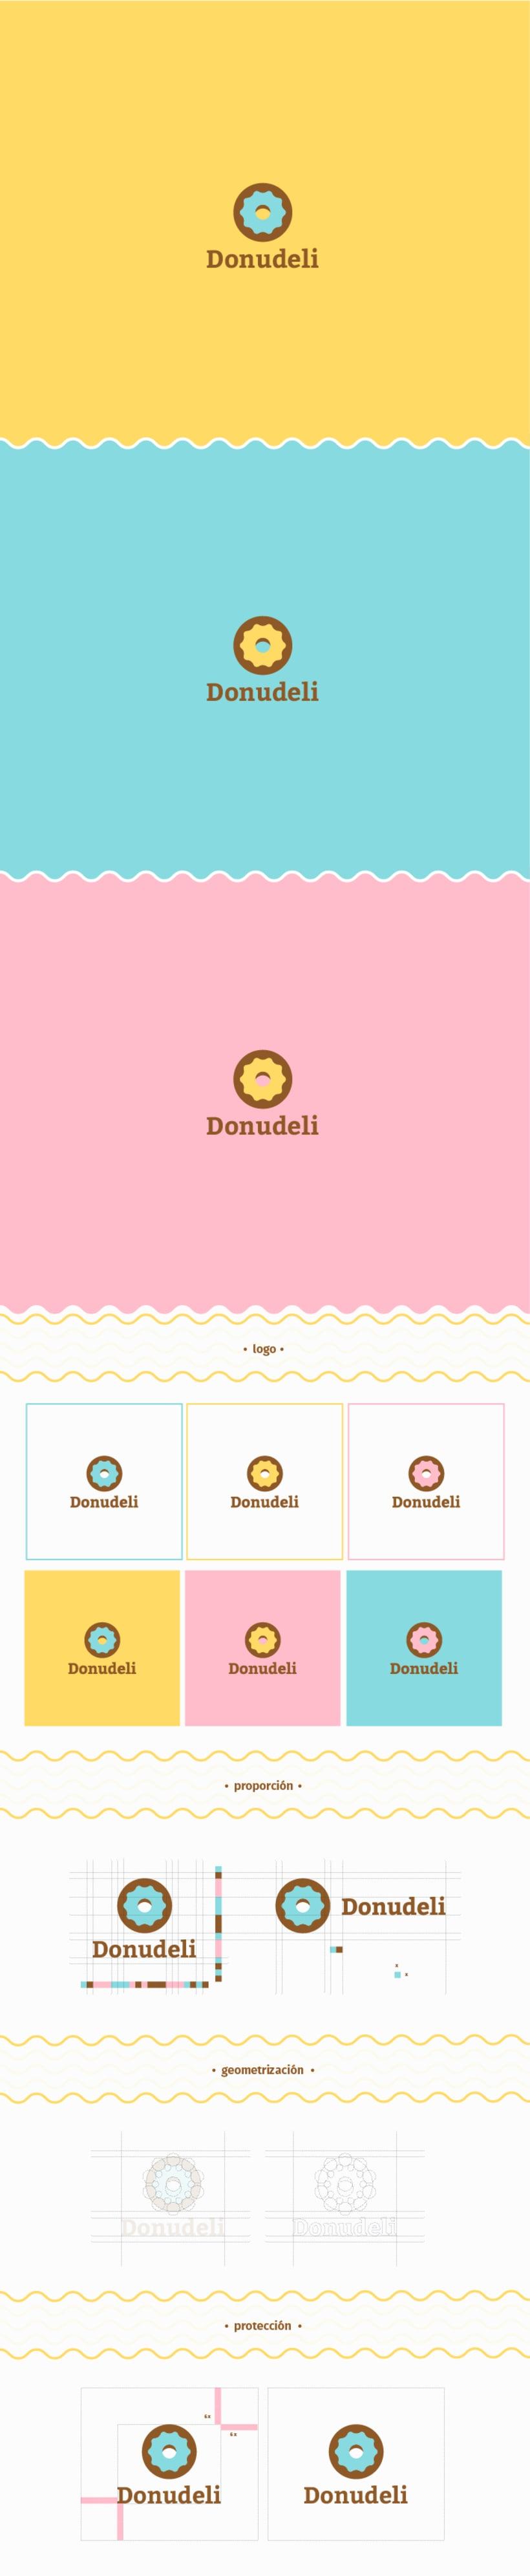 Donudeli Branding 1